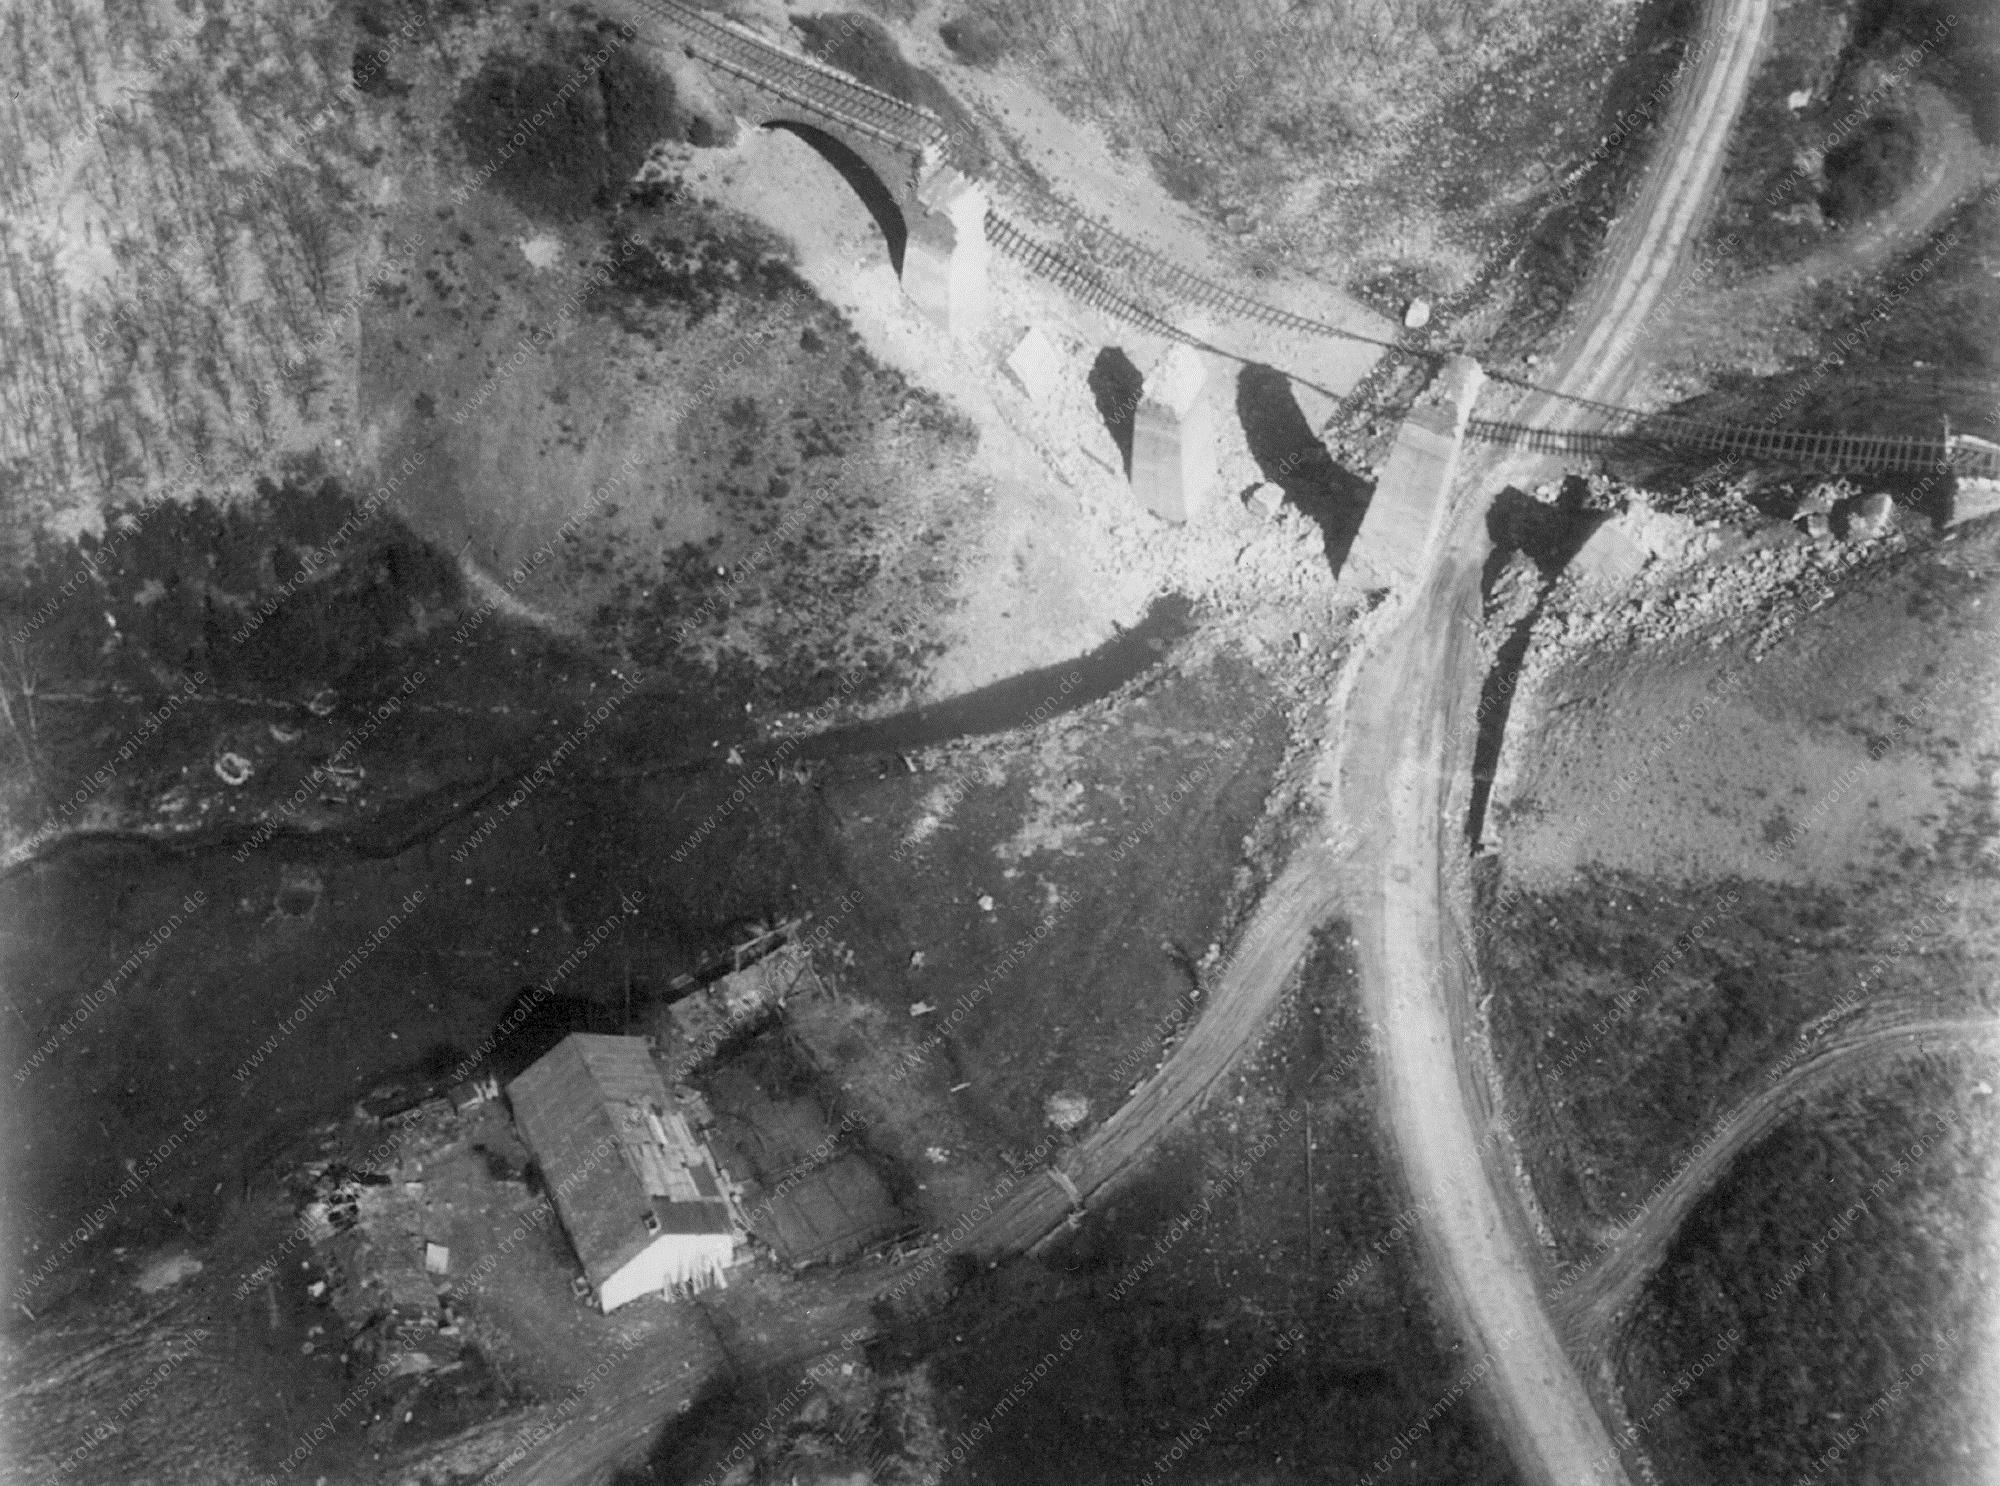 Euscheid bzw. Strickscheid Luftbild der alten Eisenbahnbrücke